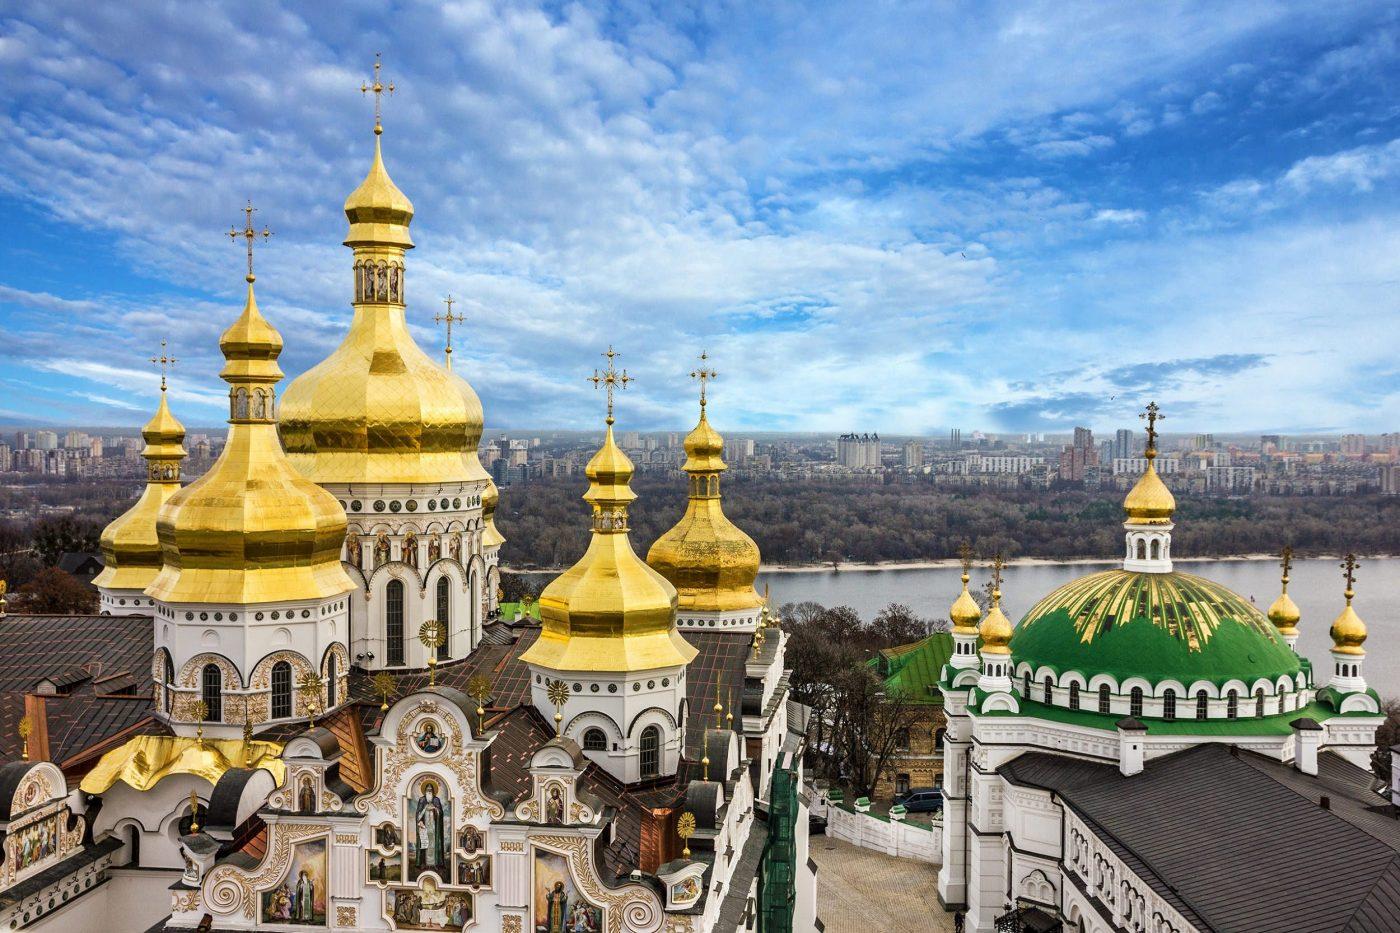 Tourism in Ukraine